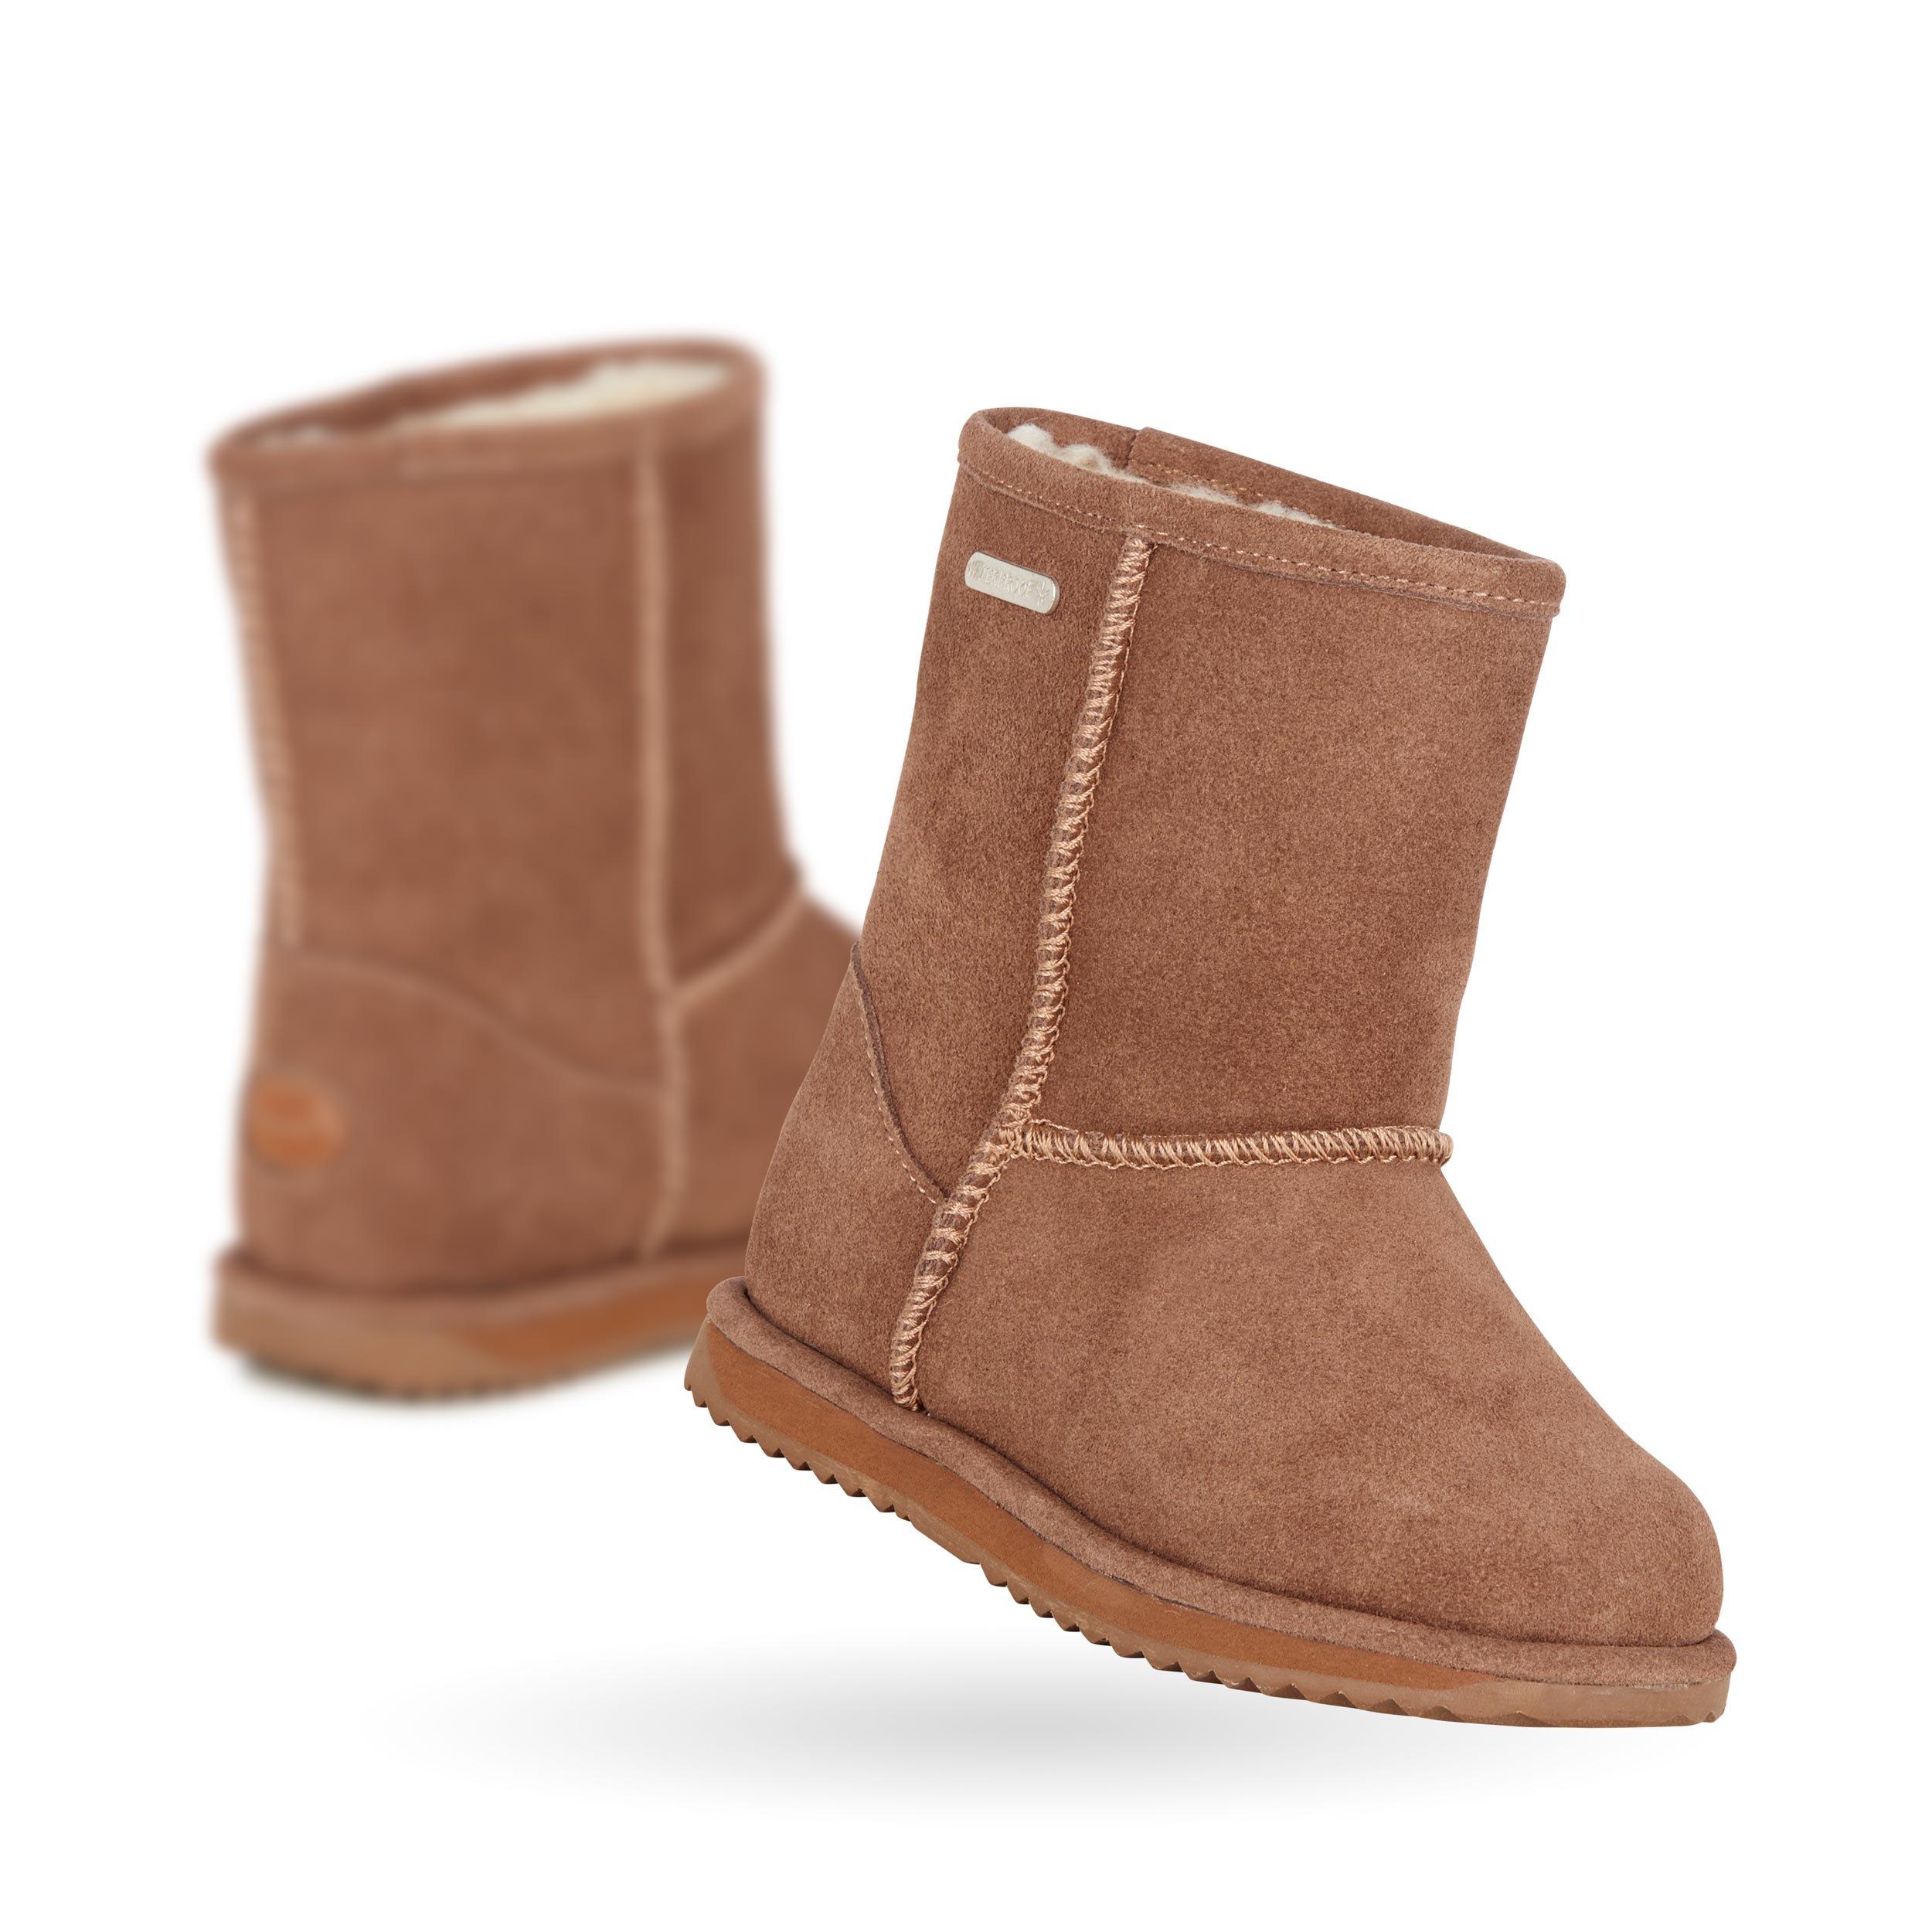 EMU Australia Brumby Lo Teens Kids Deluxe Wool Waterproof Boots in Oak Size 5